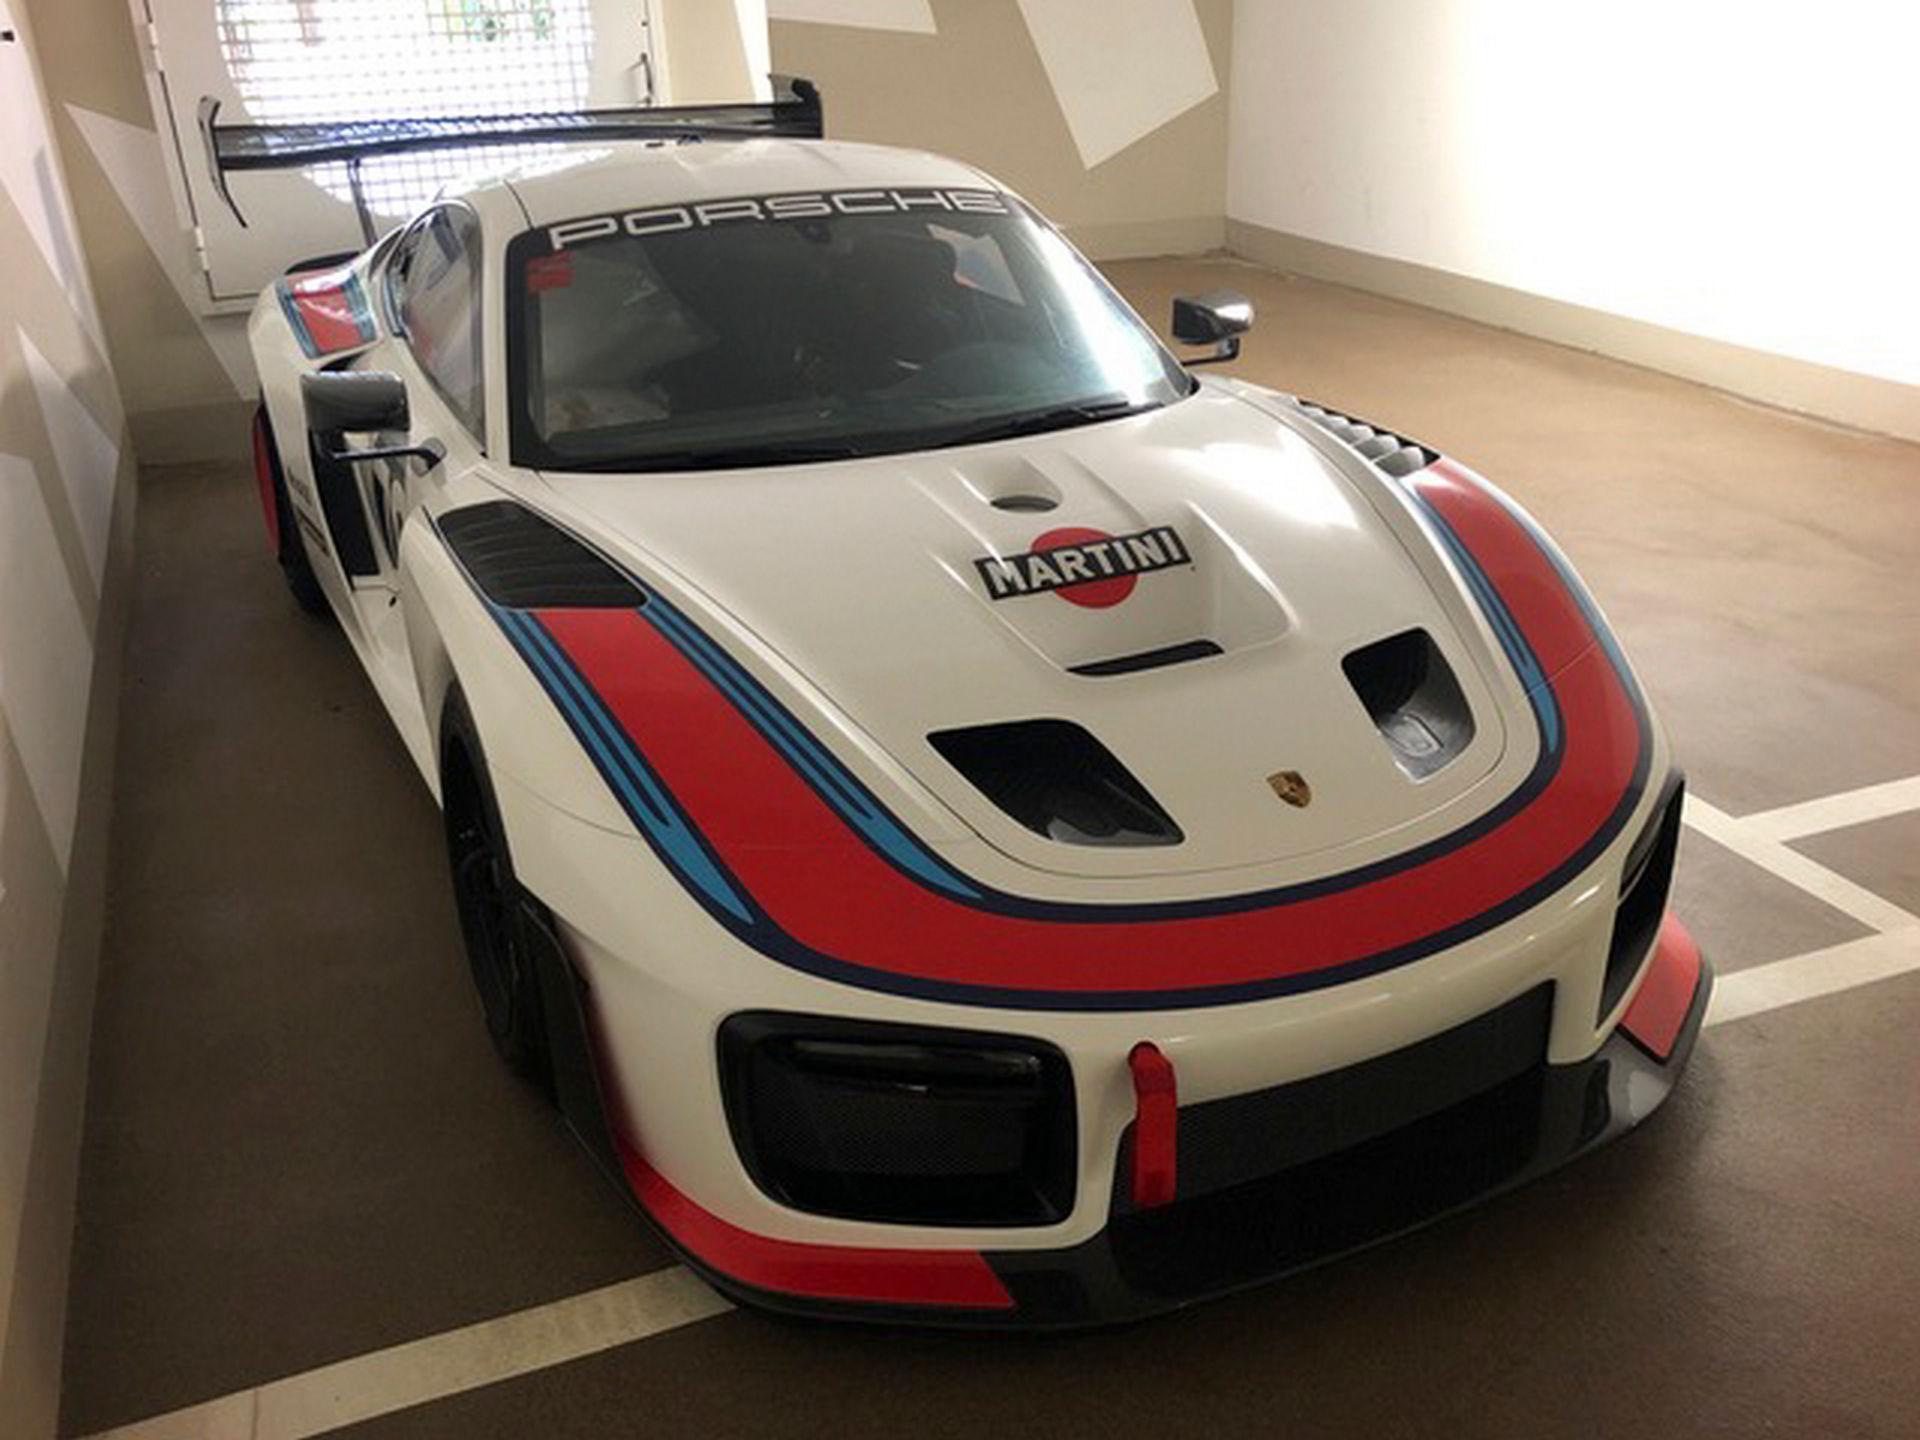 2020_Porsche_935_Martini_Livery_sale_0024